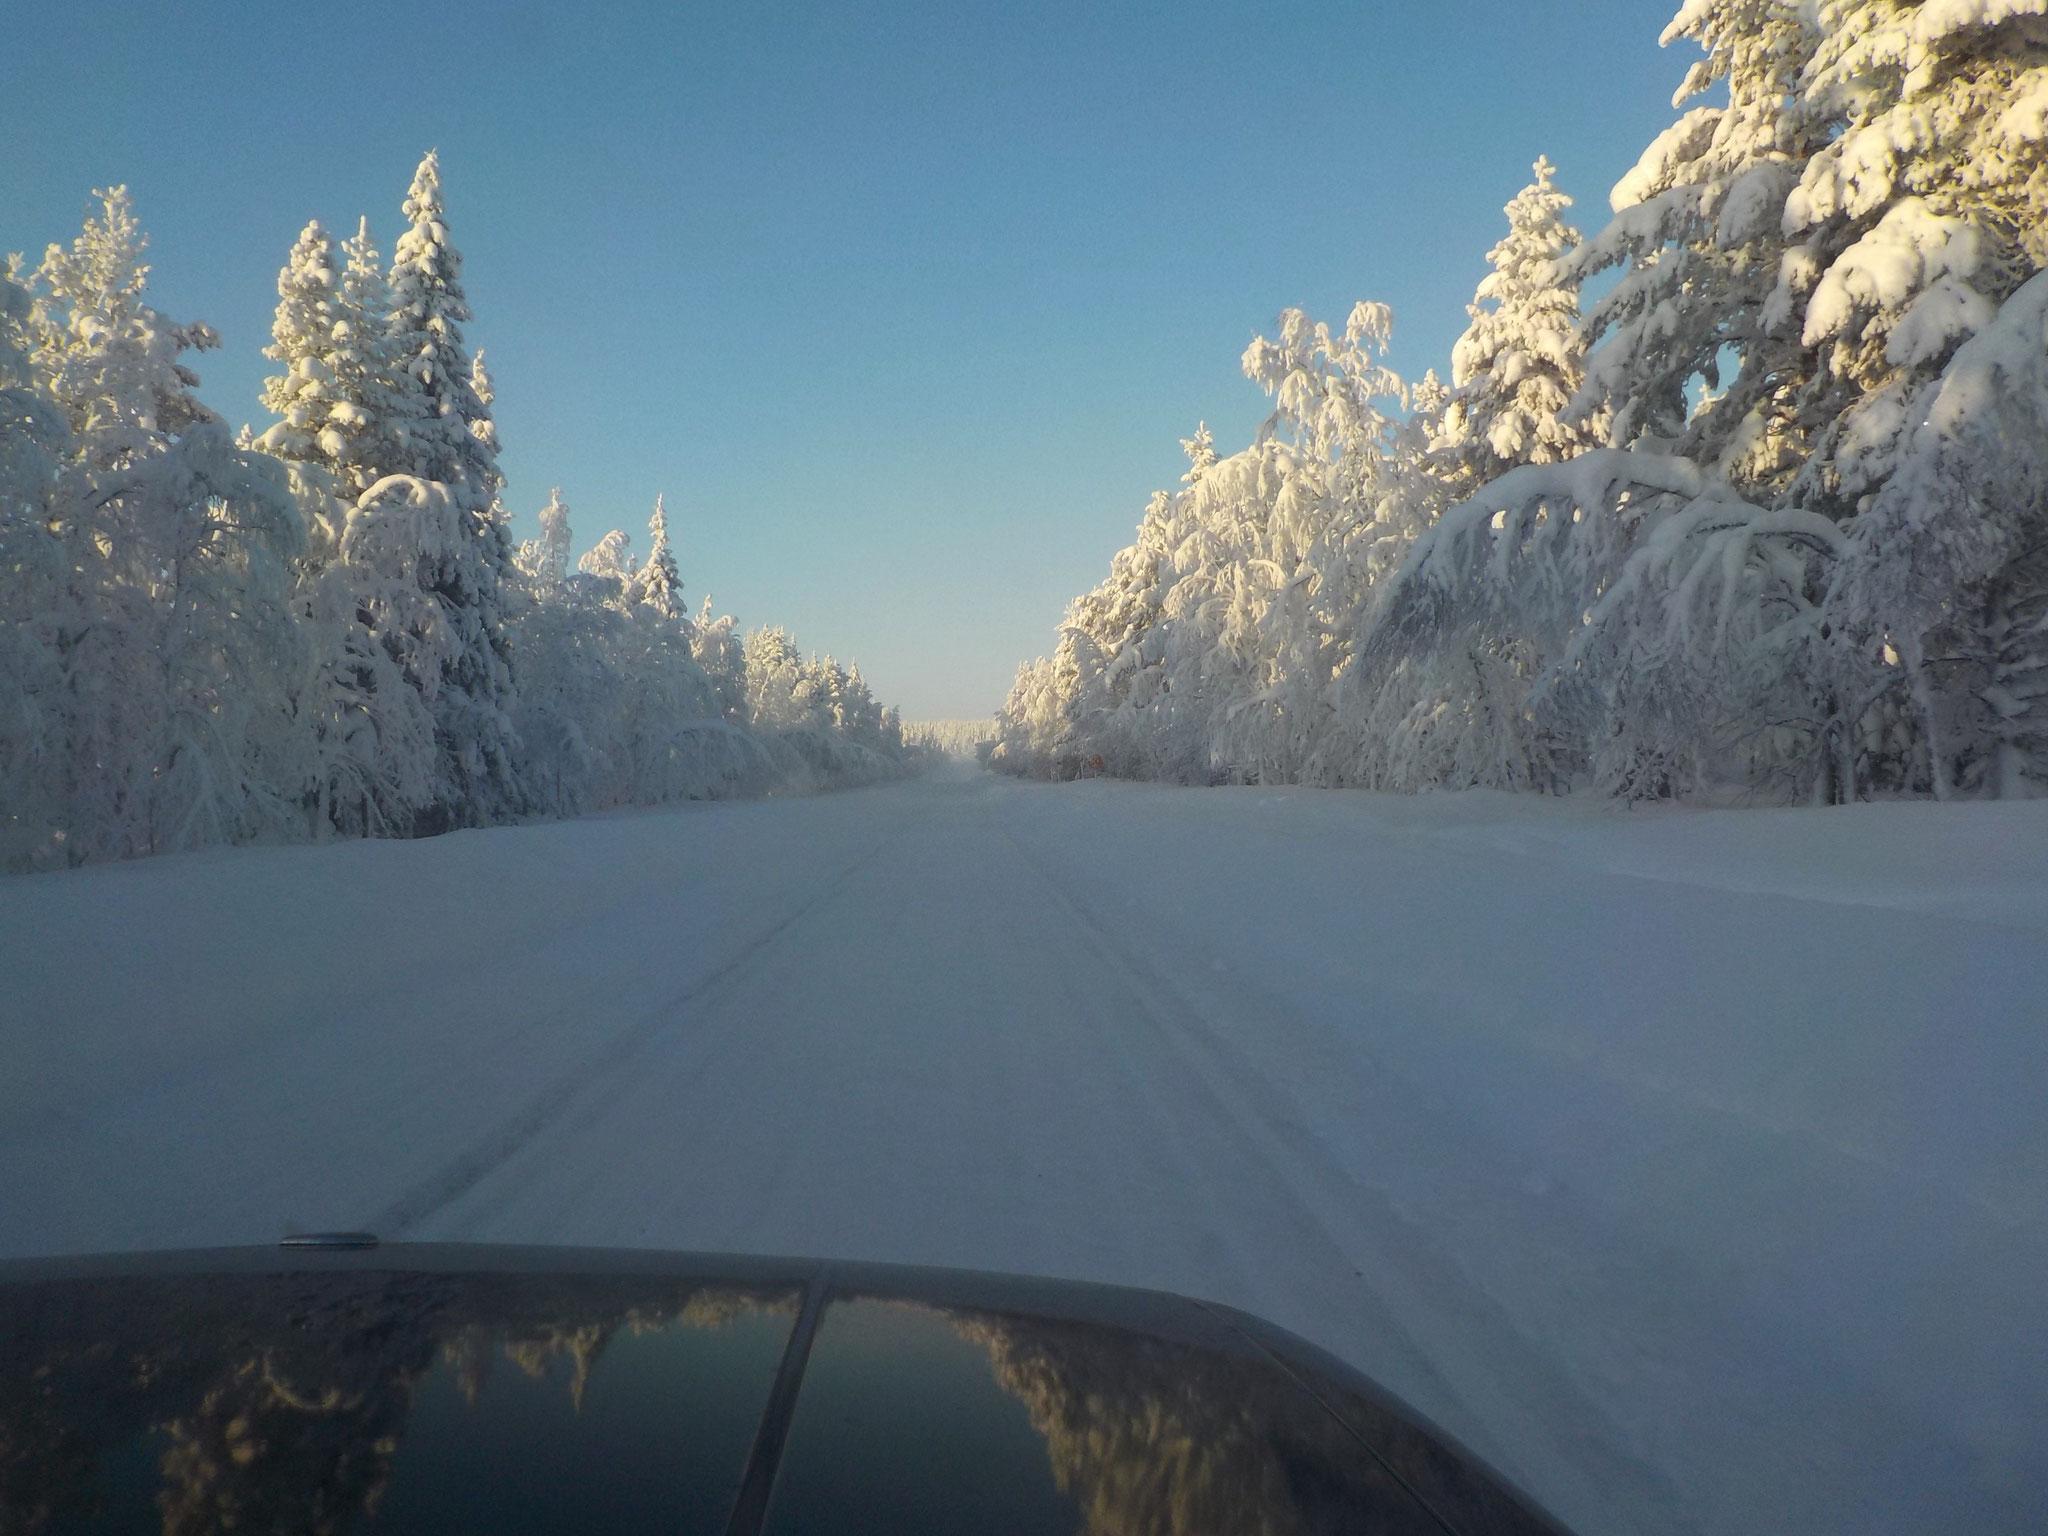 Foto: Volker Voß - viel Schnee